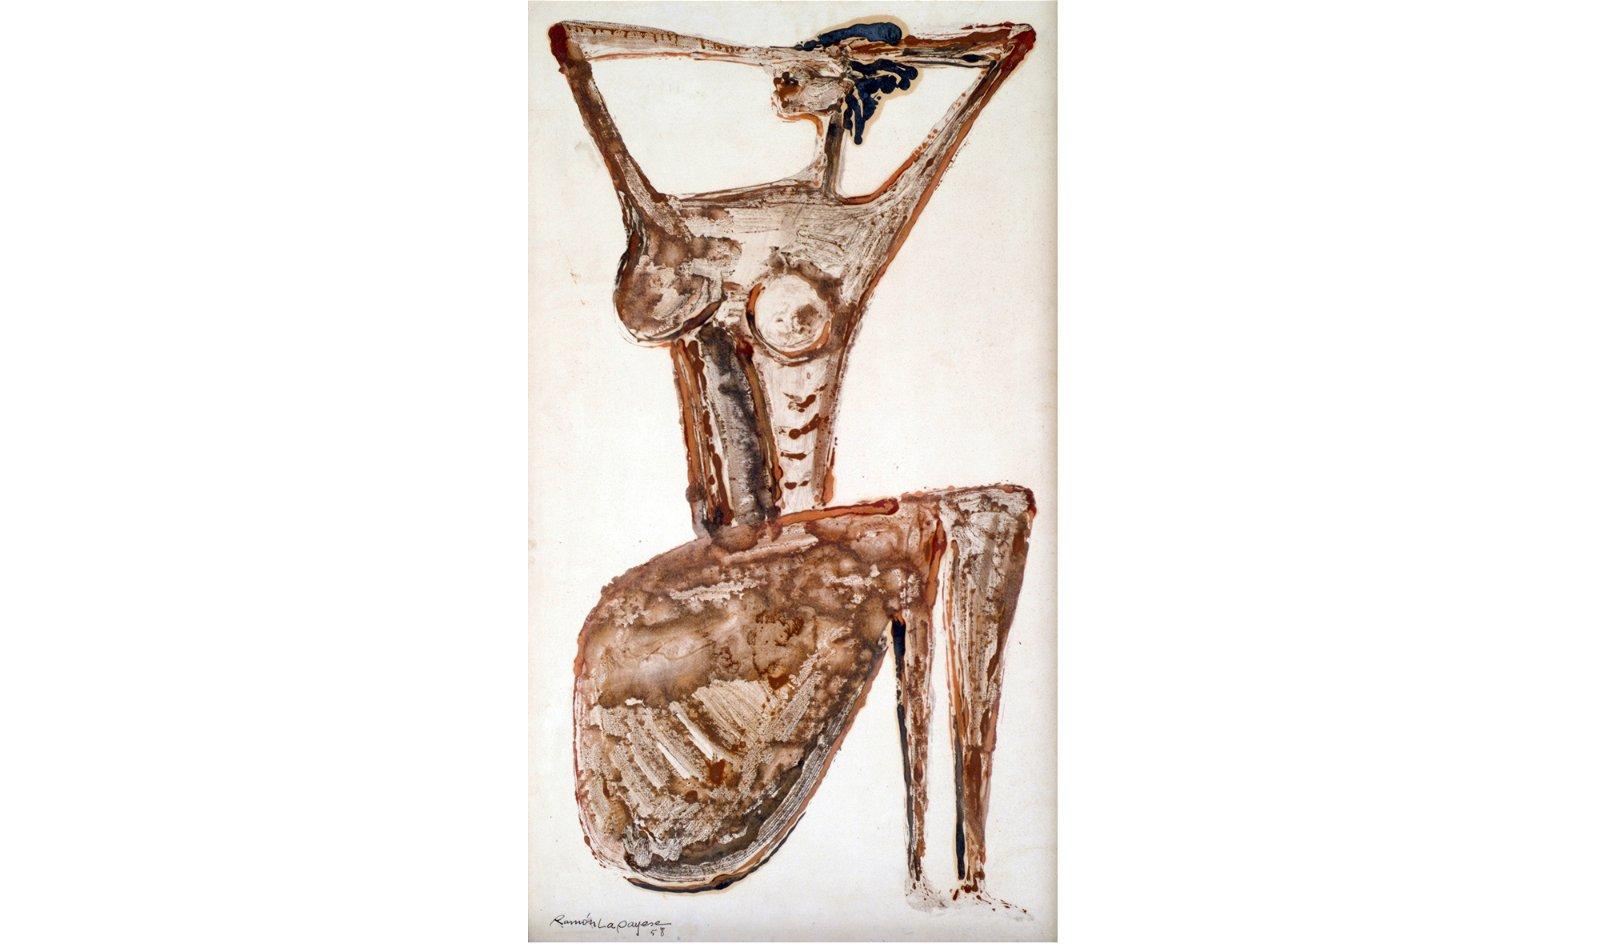 Cuadro Desnudo Decorativo